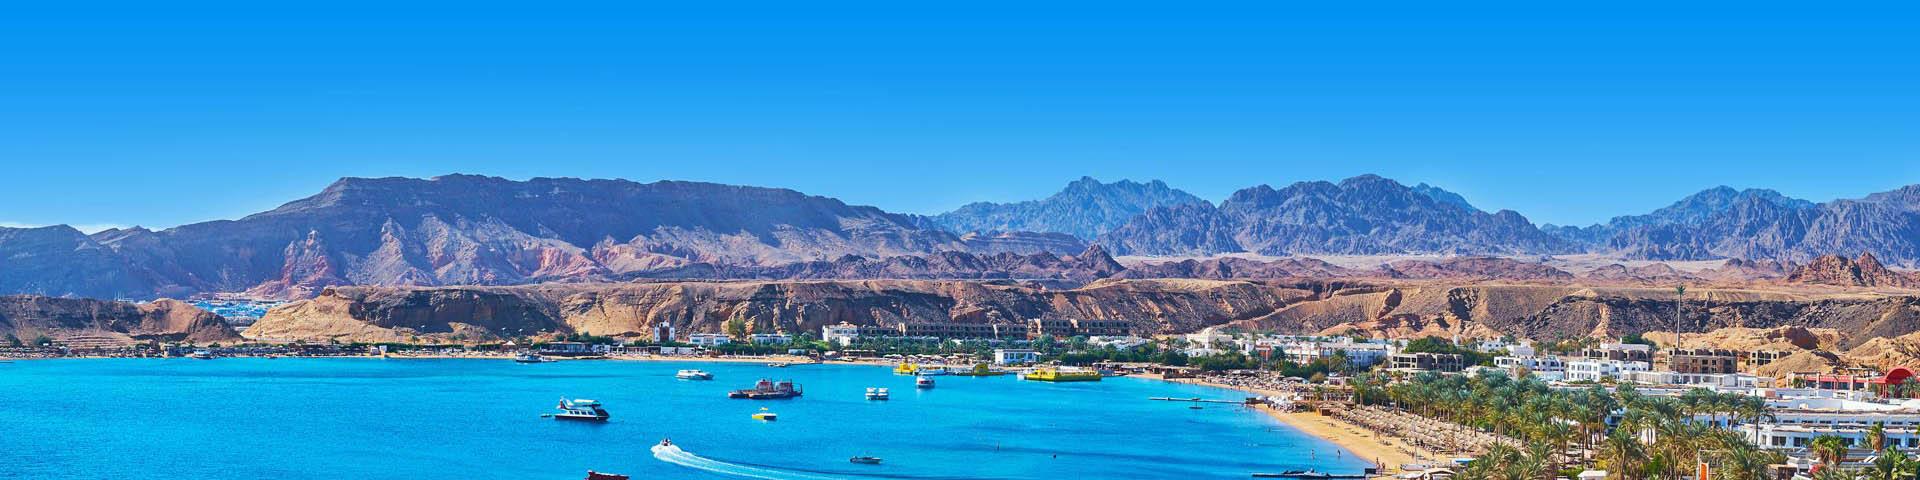 Kust van Egypte met uitzicht op landschap.